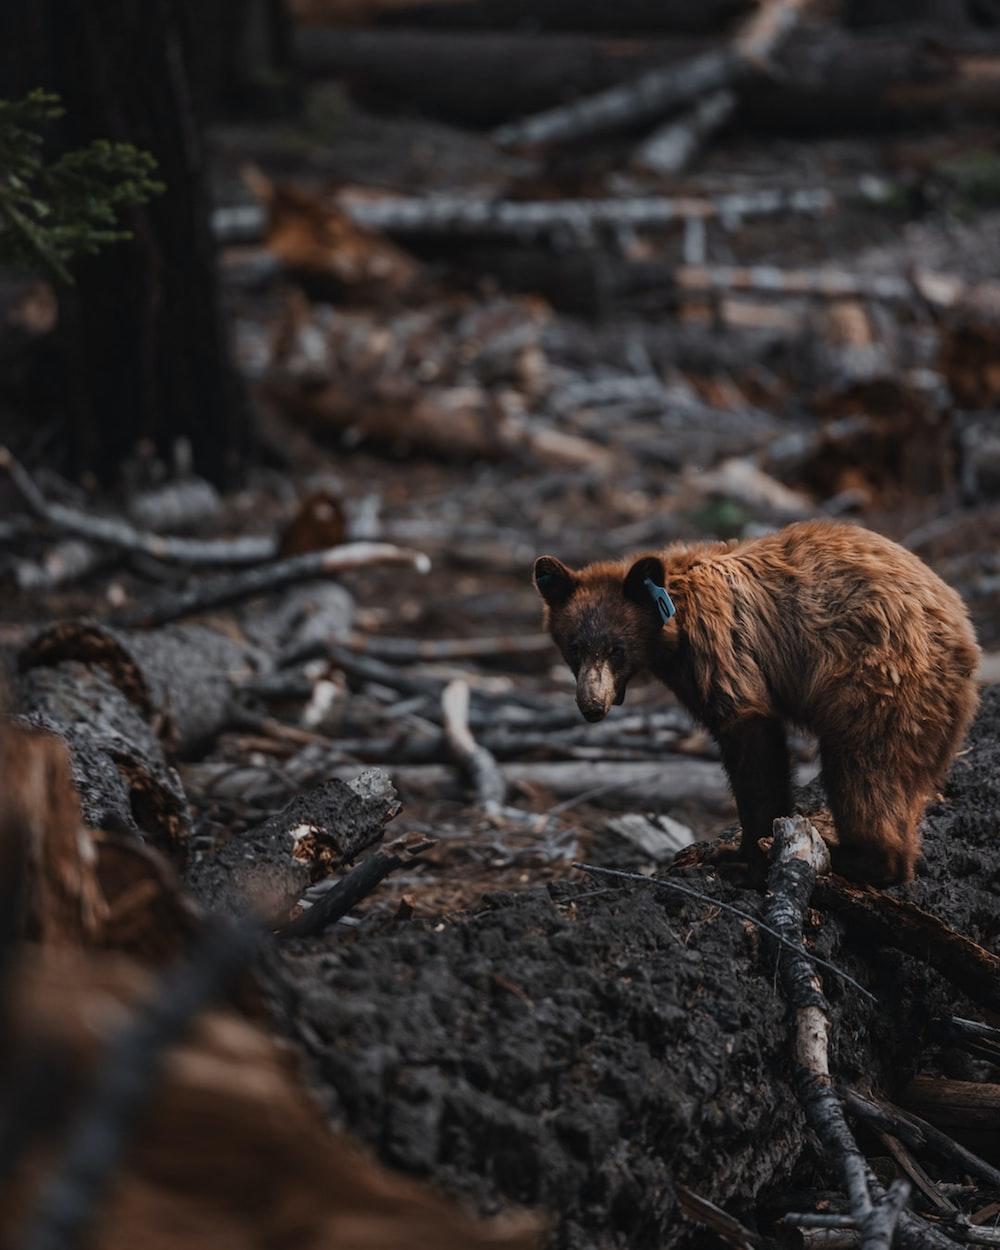 brown bear on brown tree log during daytime